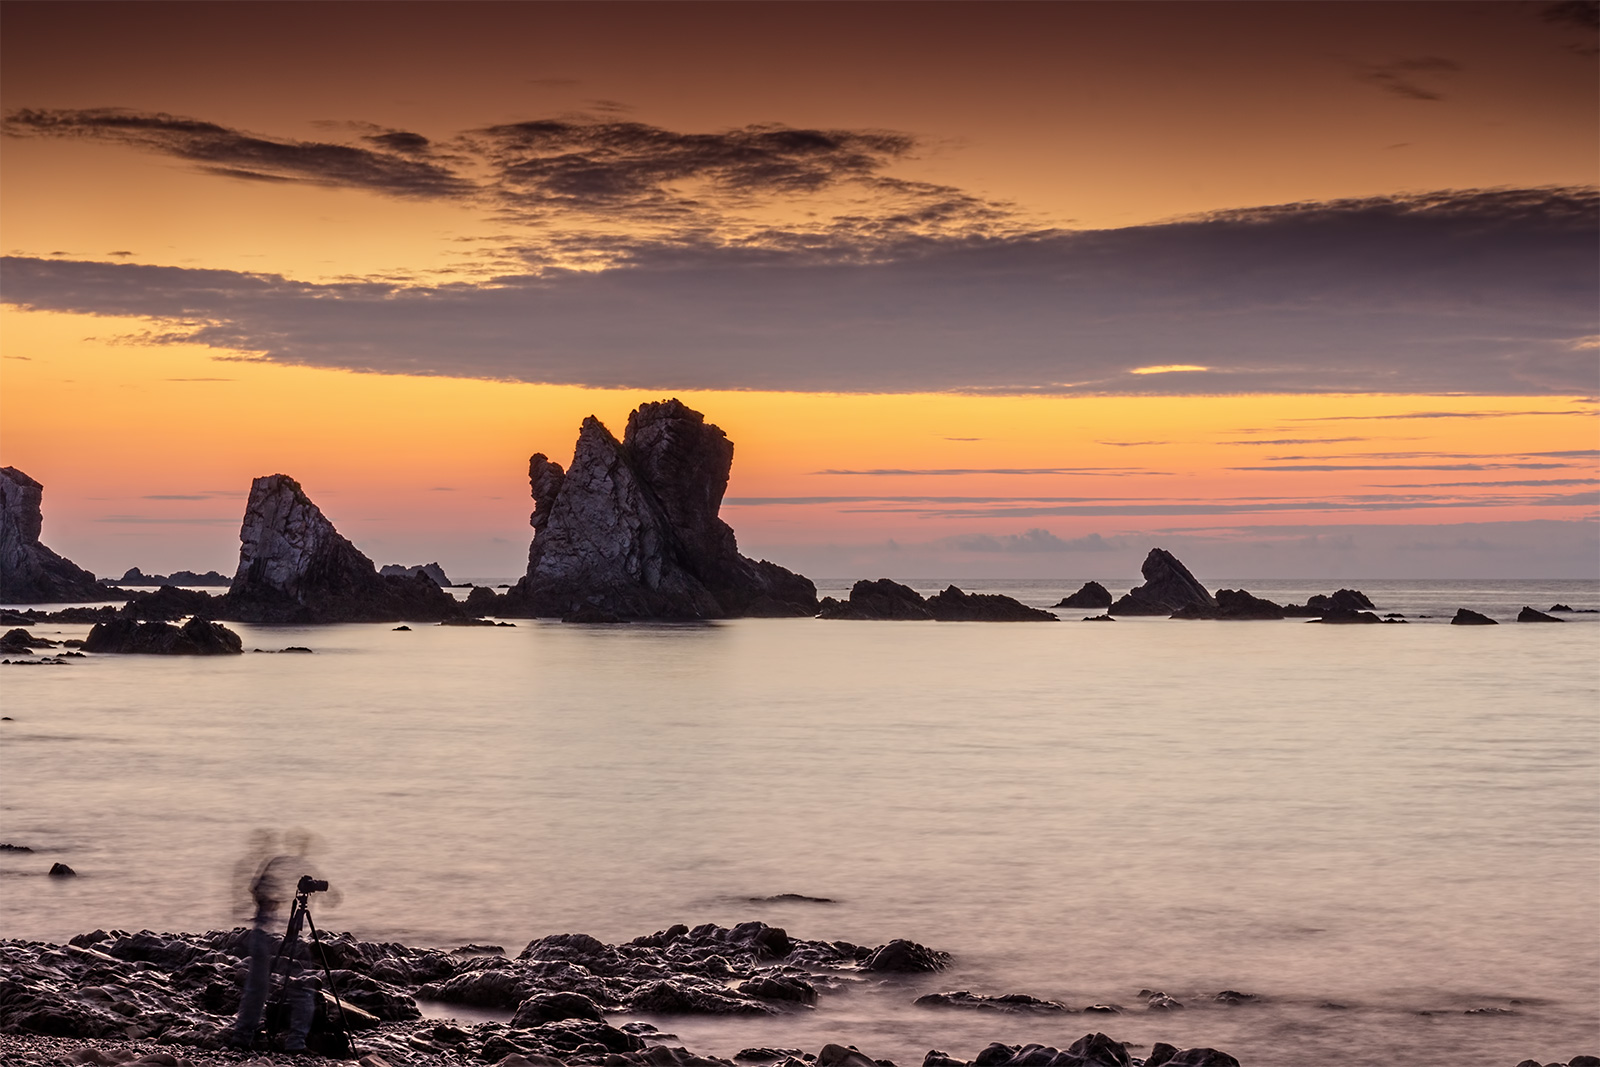 Paisaje con fotografo en la playa del silencio en Asturias. Atardecer